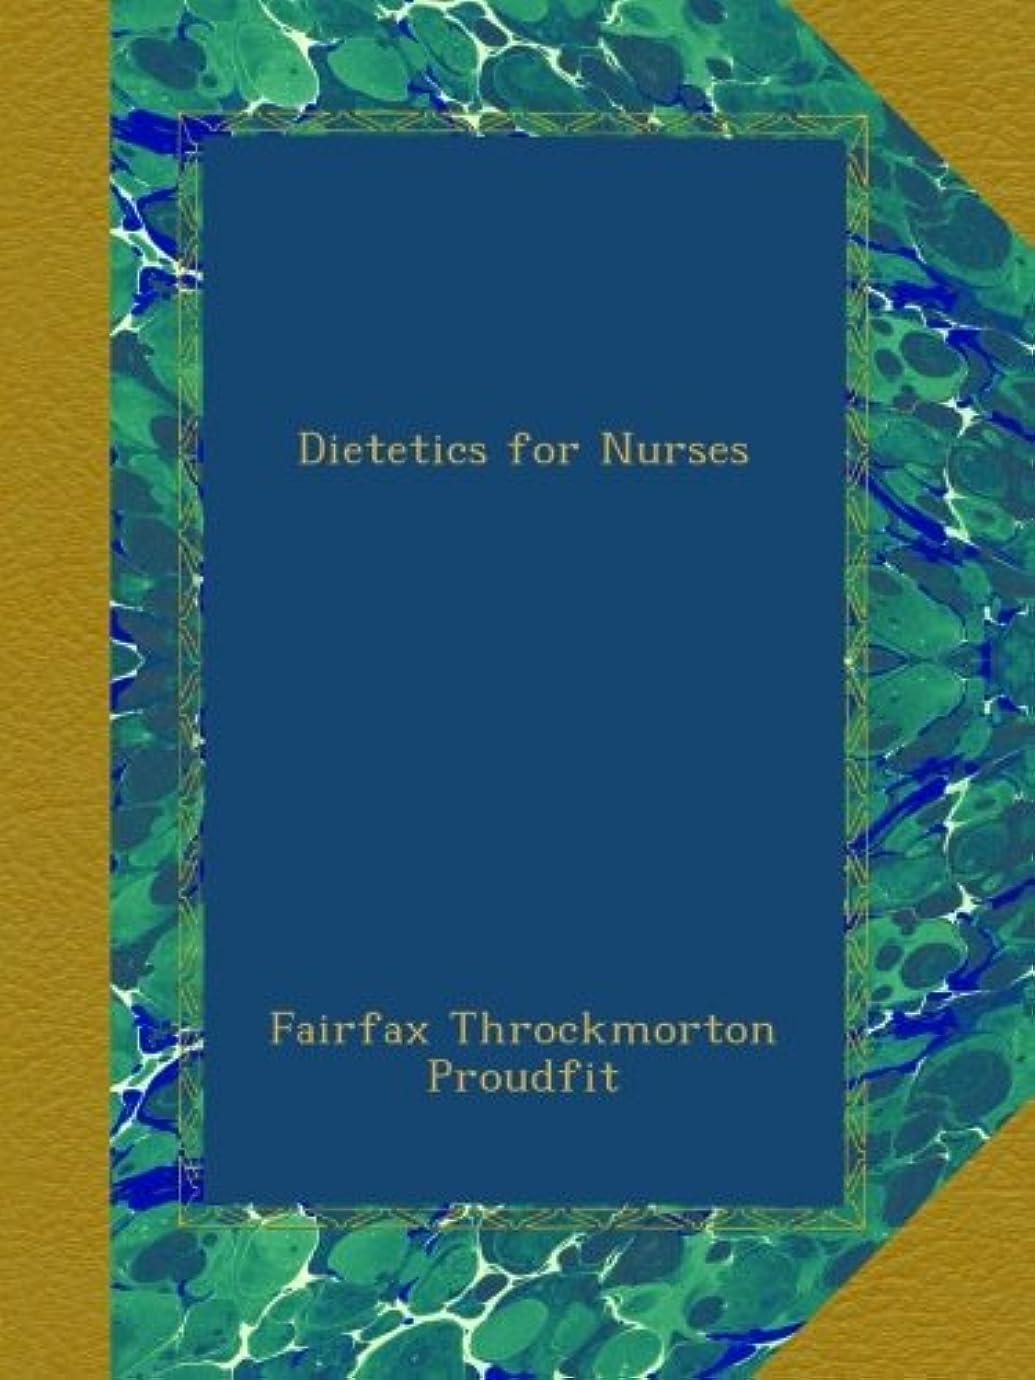 バクテリア類推測定可能Dietetics for Nurses